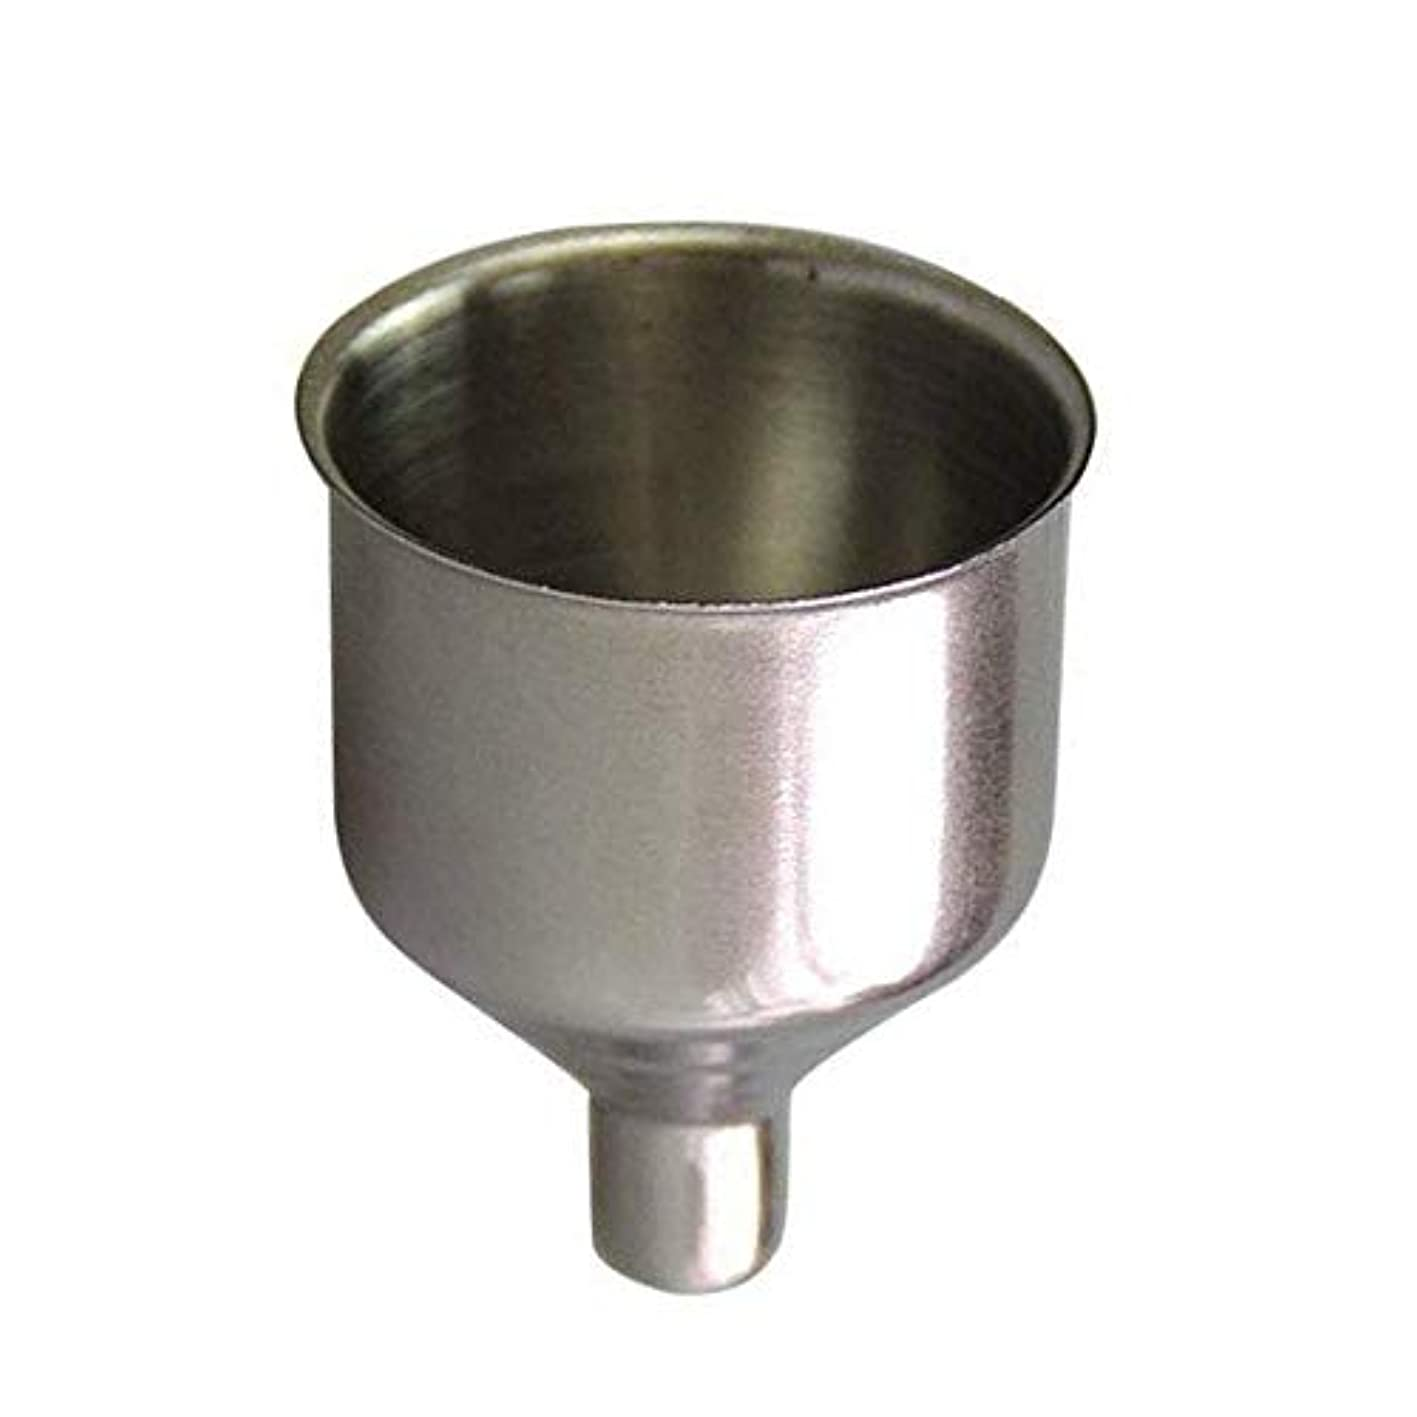 ペグ委託工業化する漏斗のこし器 じょうごおよび種を取除くため 液体 香水 精油 ステンレス鋼の漏斗